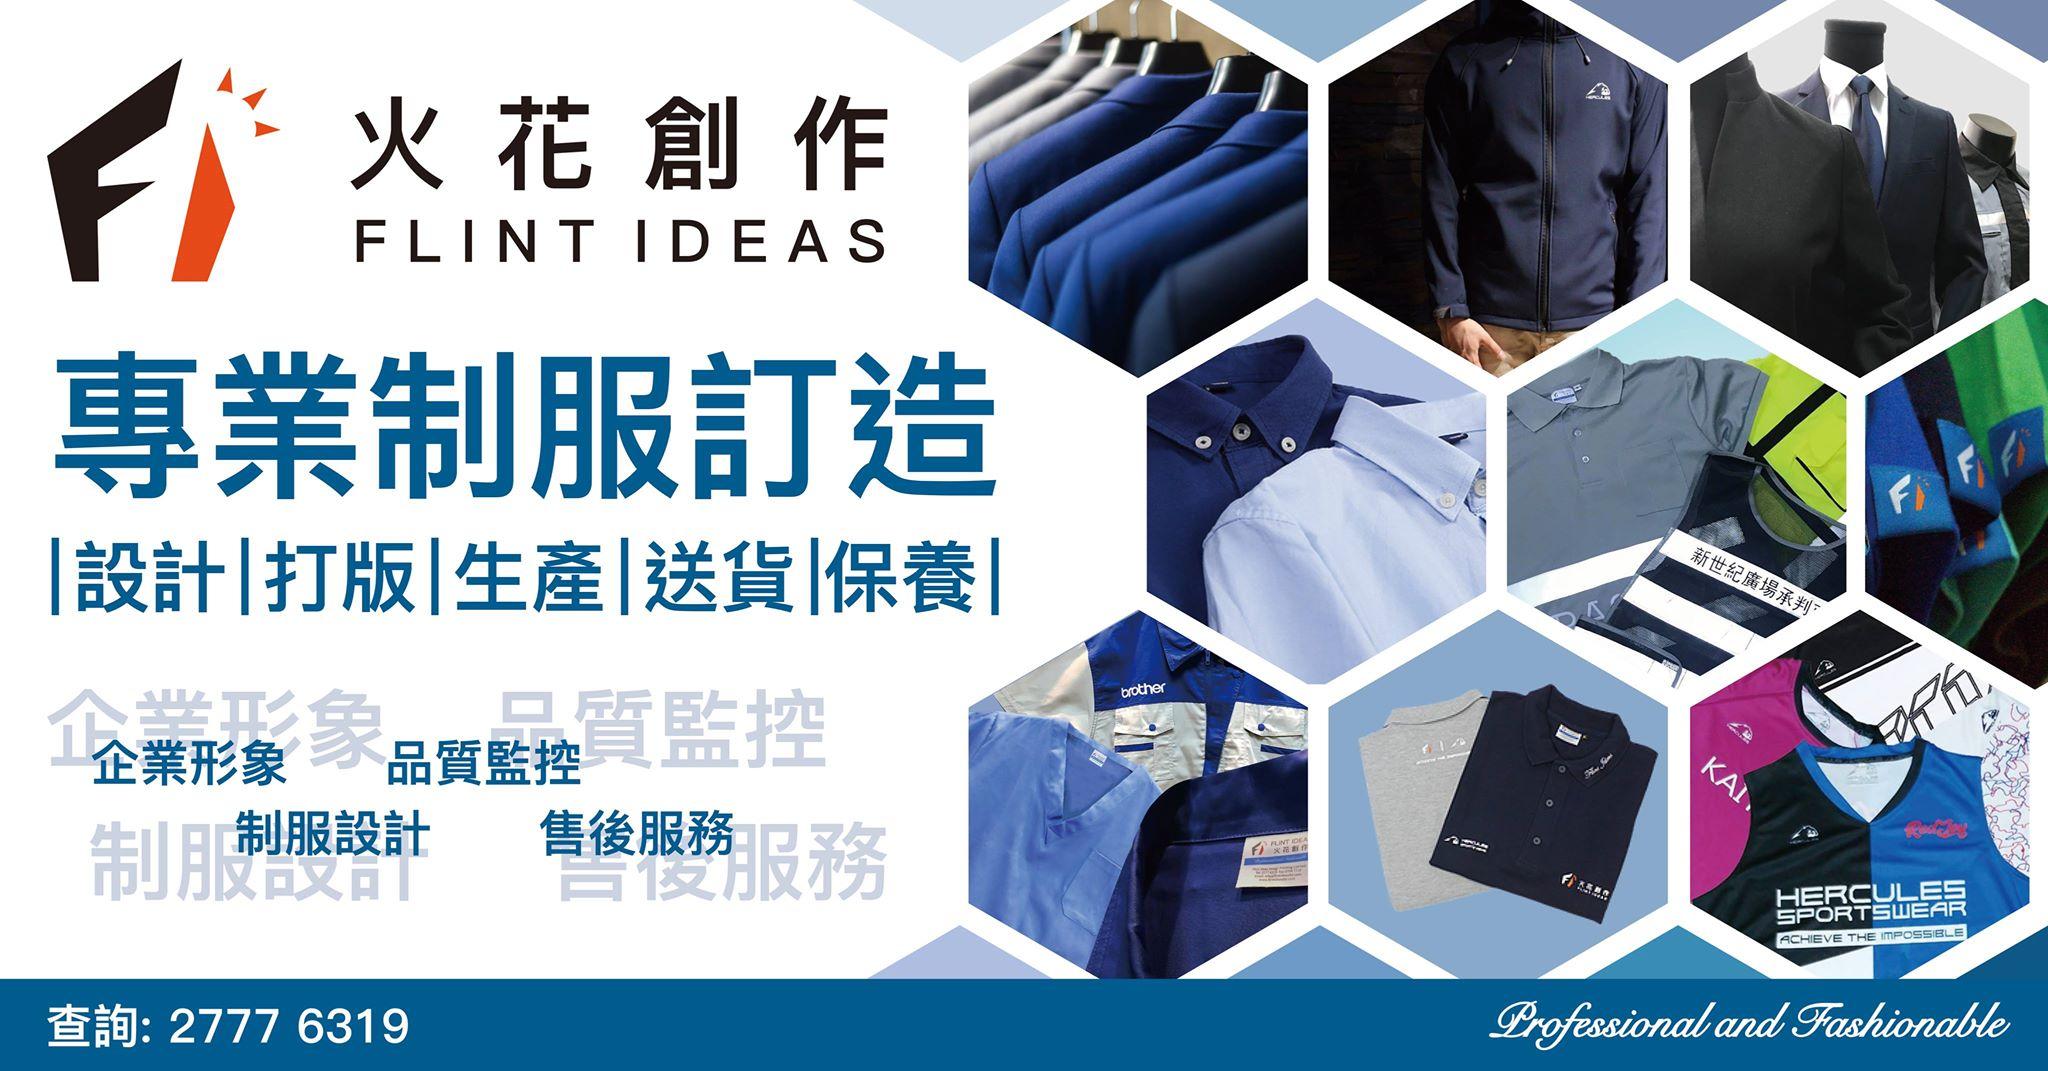 制服 | 印衫 | t shirt 印刷 | 「Flint Ideas Uniform 火花創作制服公司」